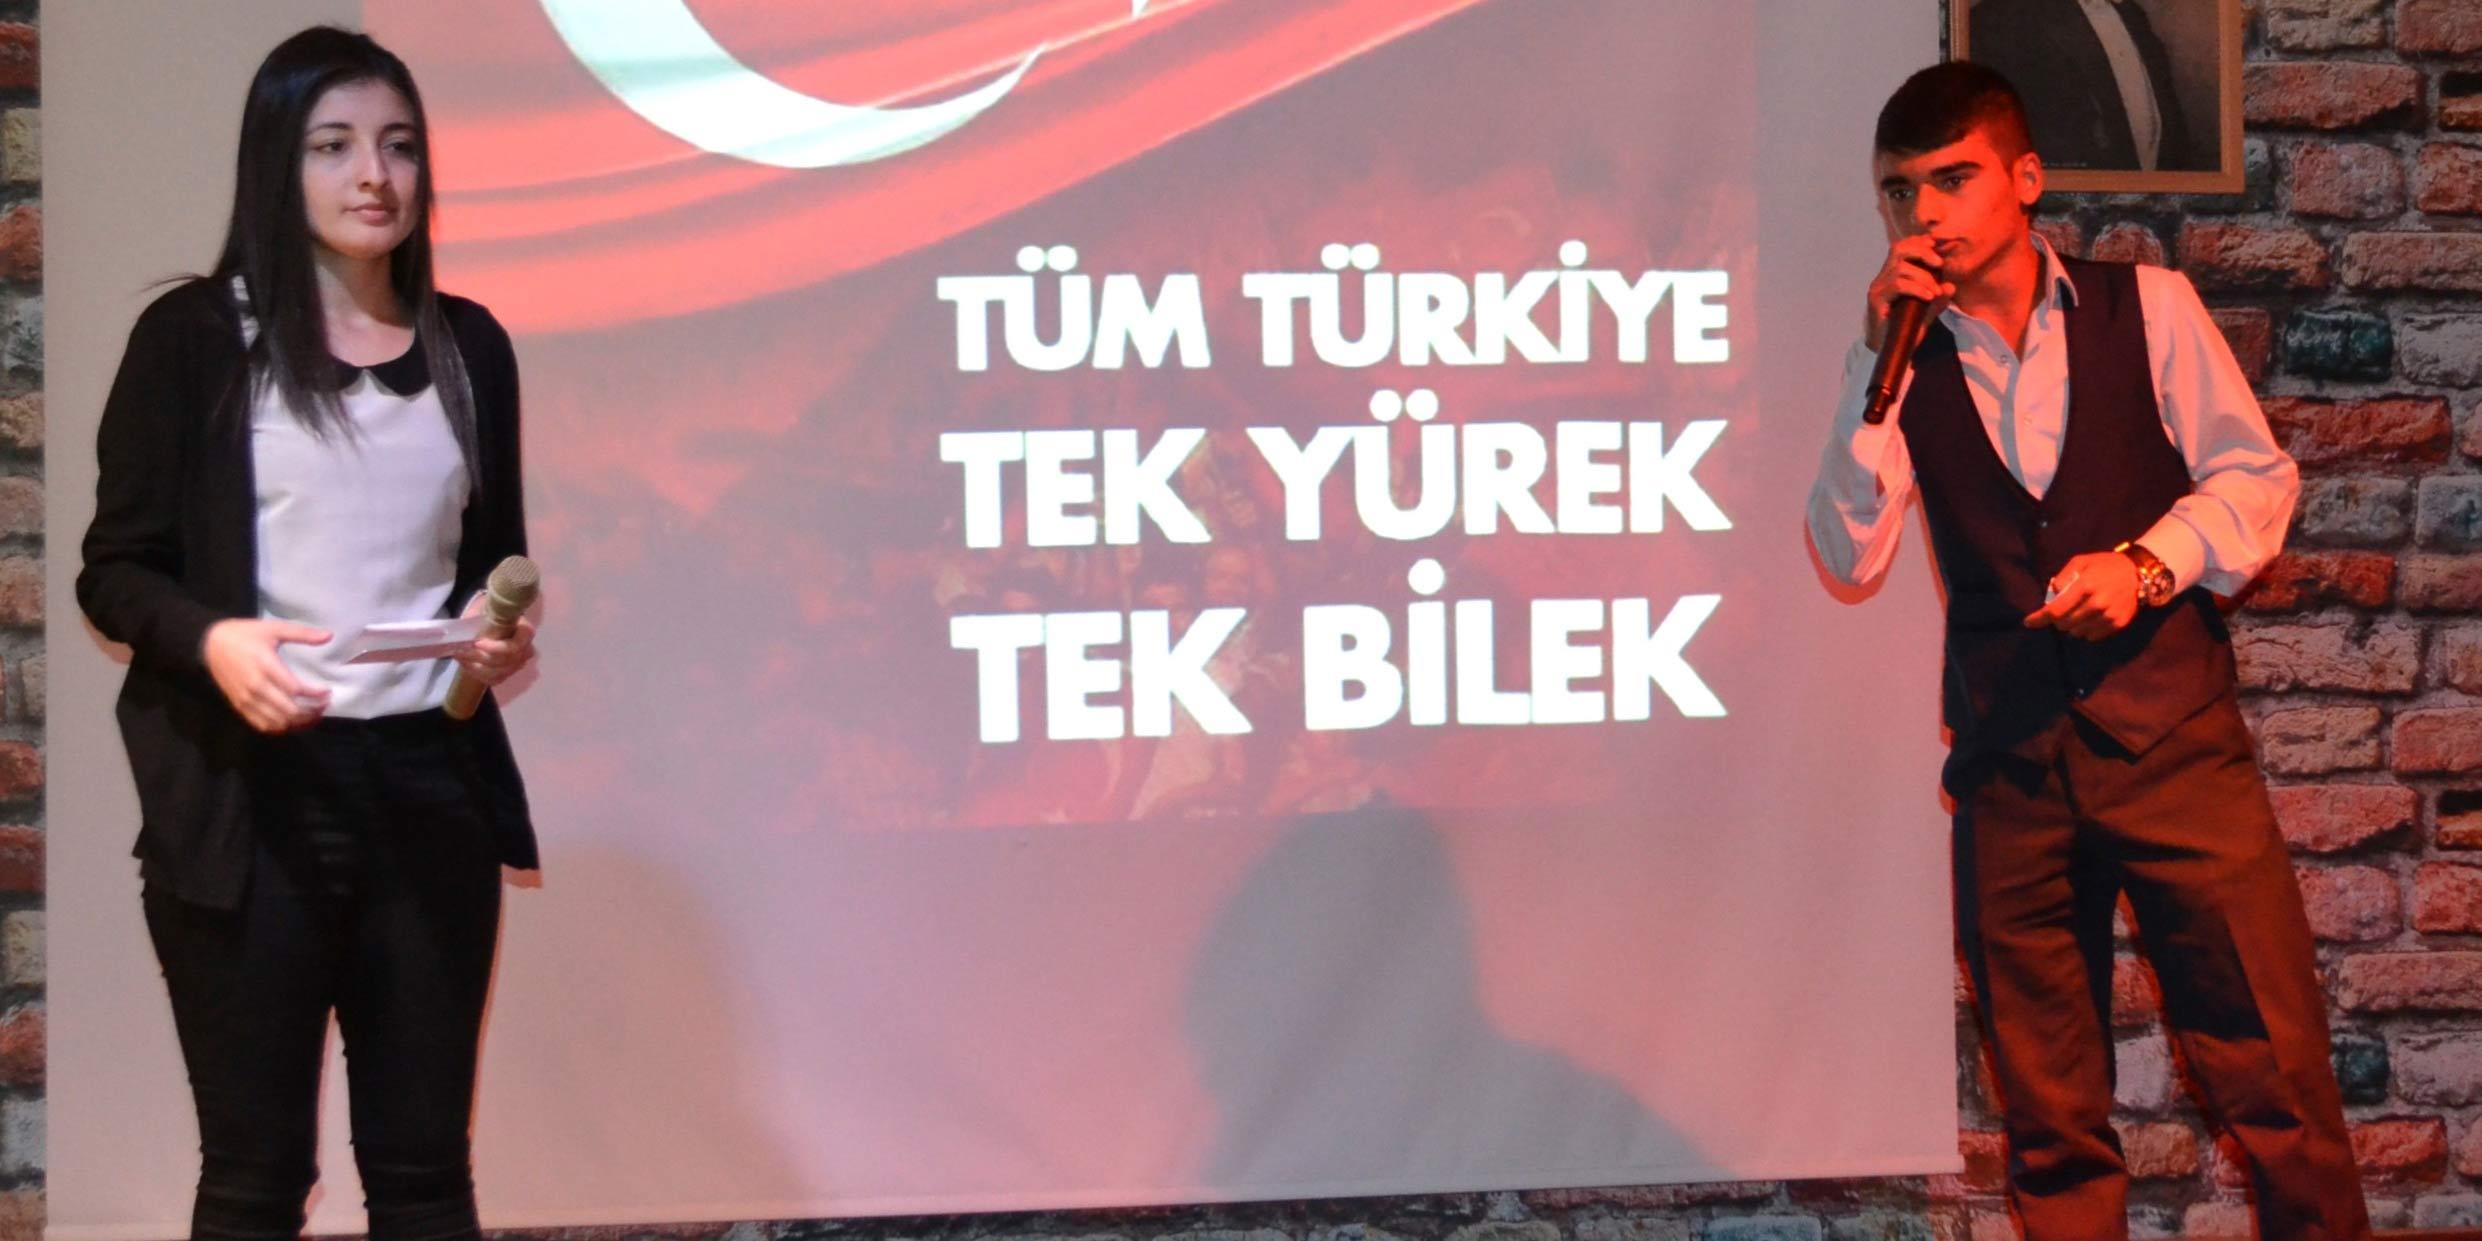 Kulu'da 15 Temmuz demokrasi zaferi ve şehitleri anıldı